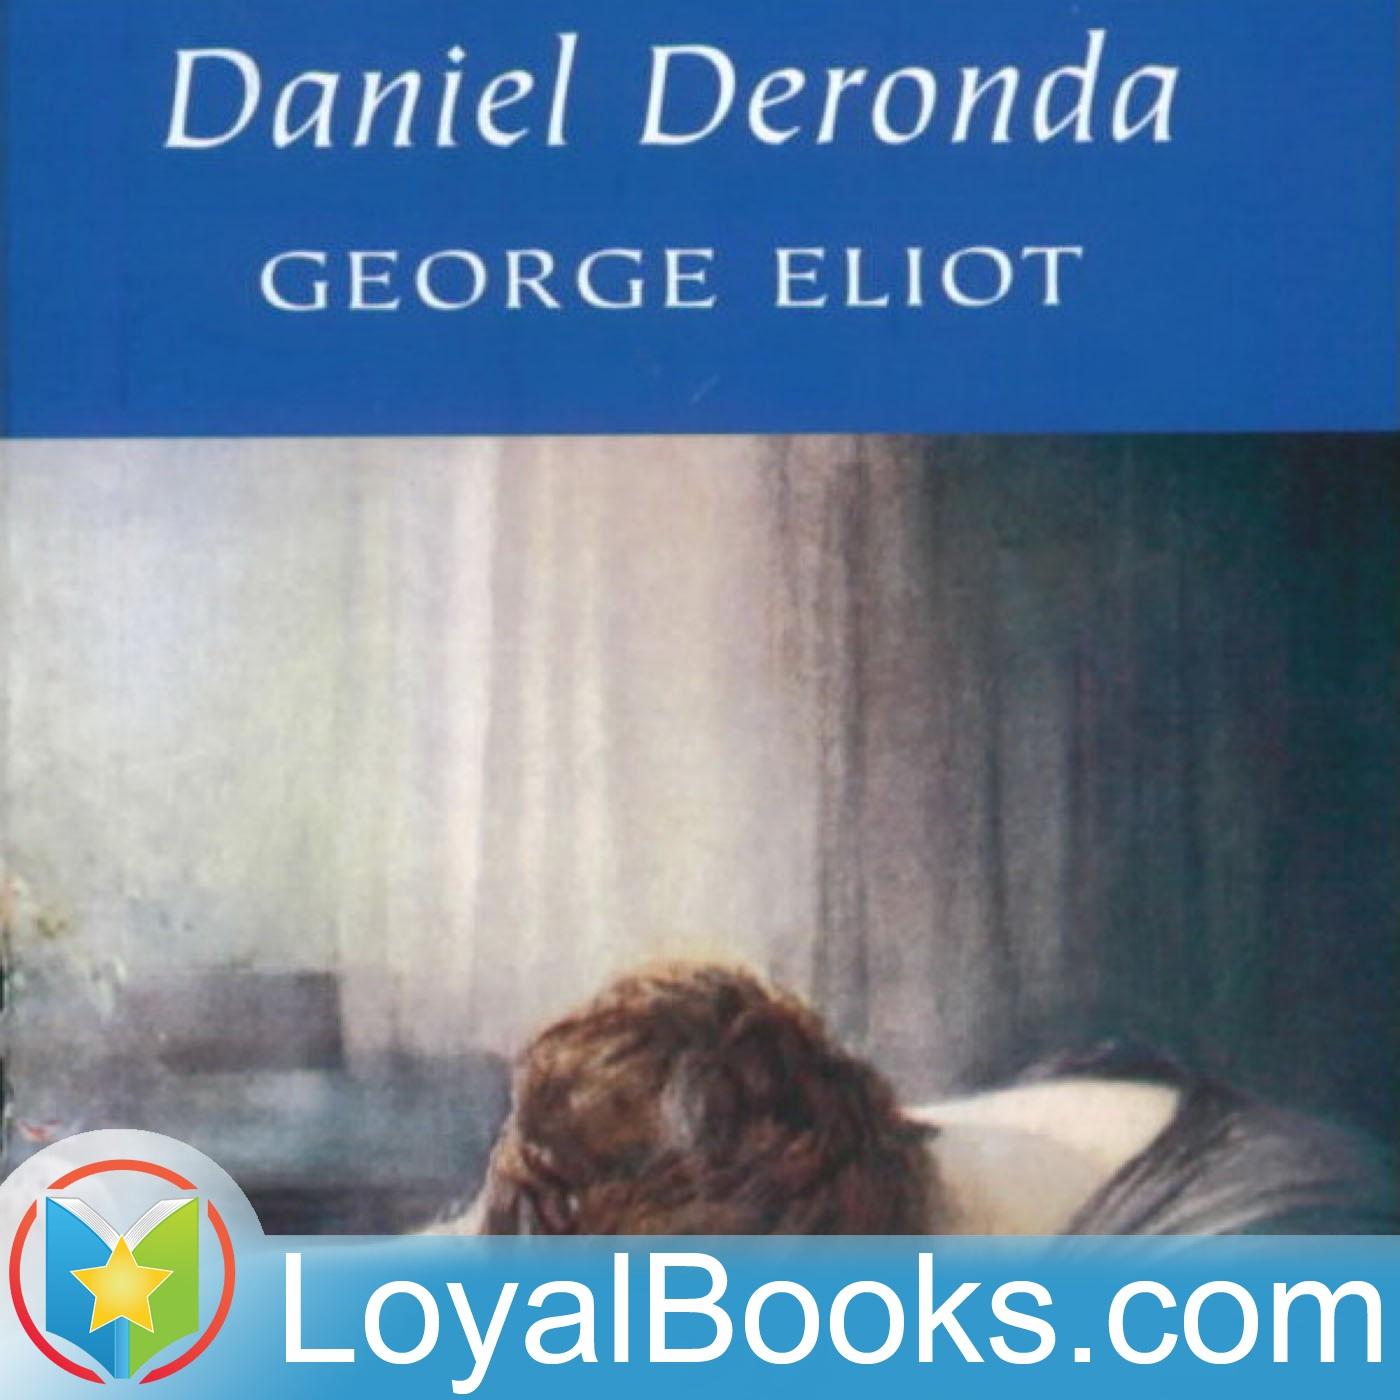 <![CDATA[Daniel Deronda by George Eliot]]>